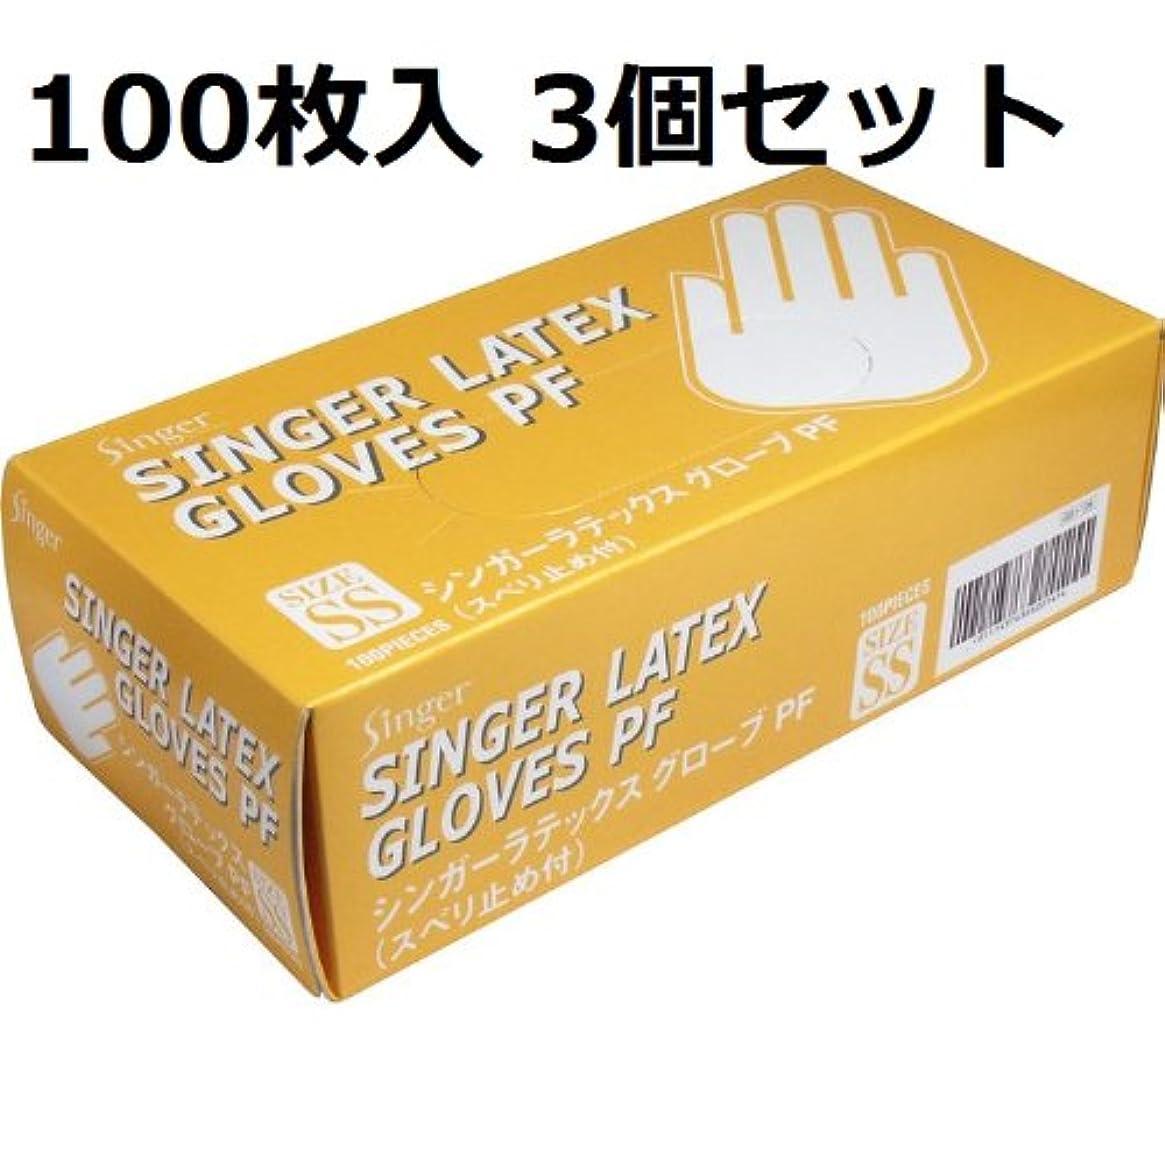 噴火便利さラベンダー家庭用から業務用まで幅広くお使いいただける 手袋 SSサイズ 100枚入 3個セット